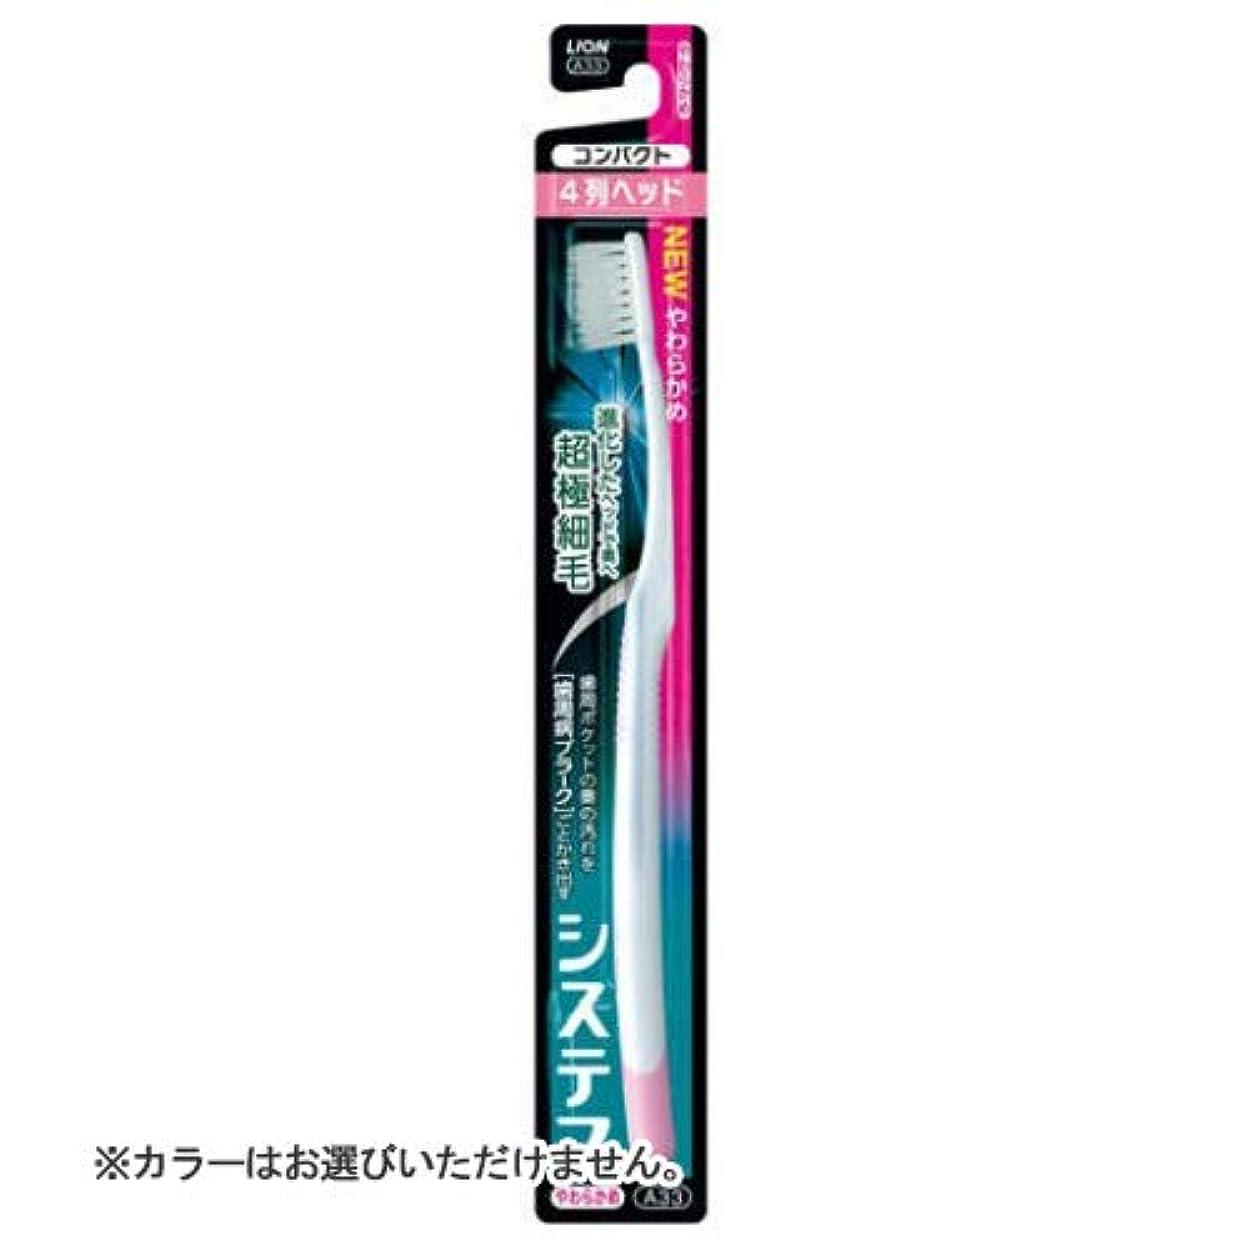 冗長メアリアンジョーンズパケットライオン システマ ハブラシ コンパクト4列 やわらかめ (1本) 大人用 歯ブラシ